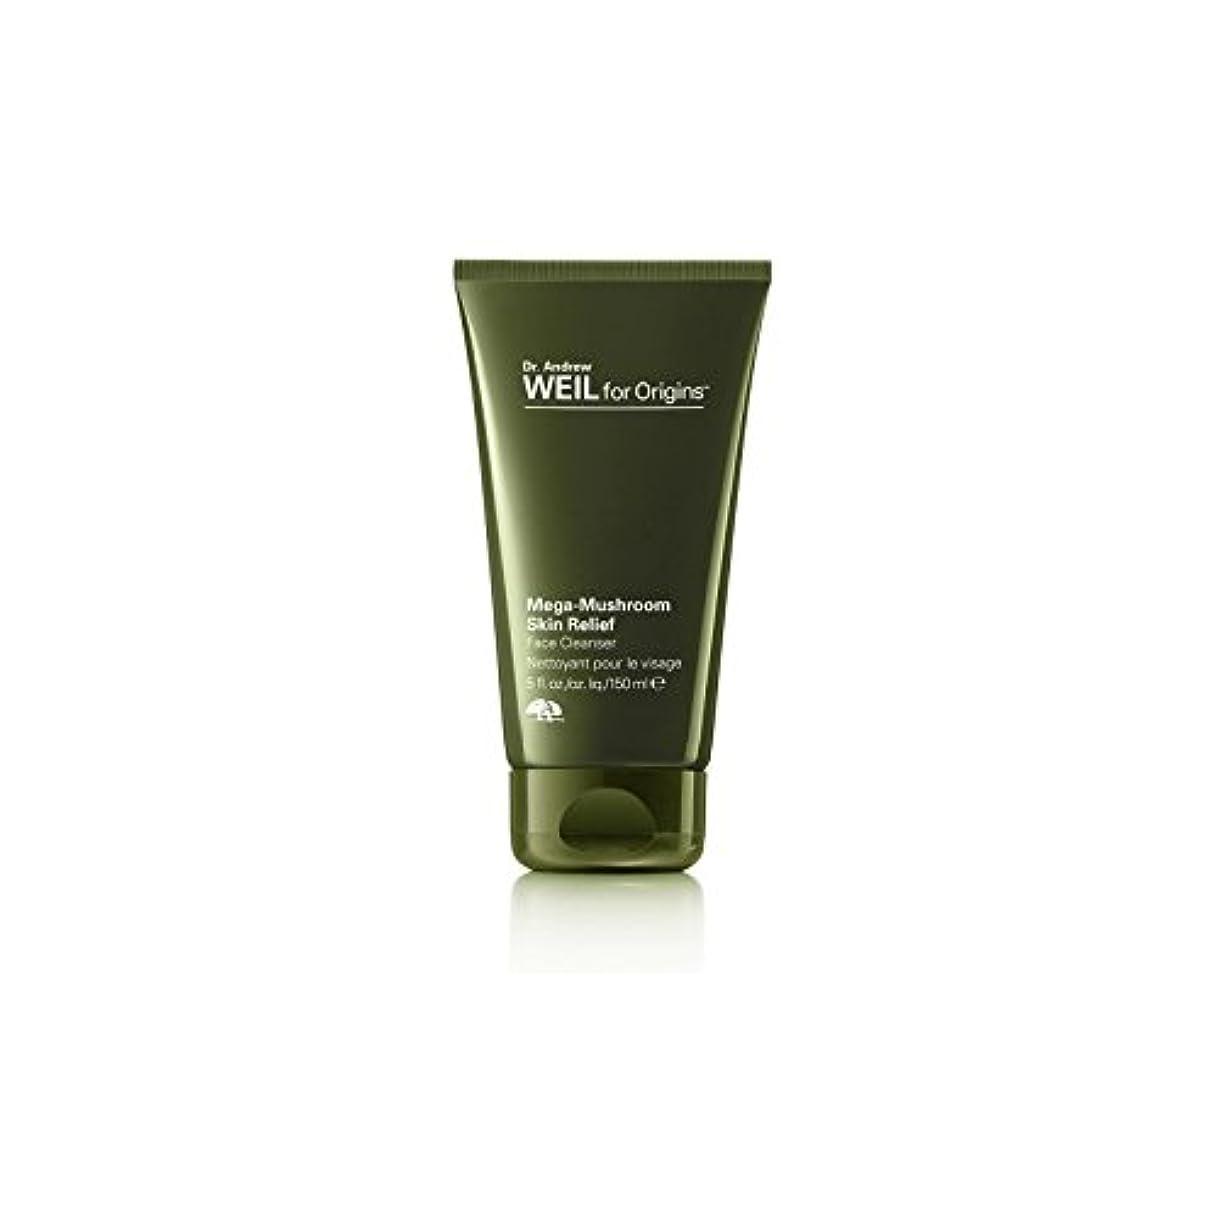 ブラウス配当結び目起源アンドルー?ワイル起源メガキノコ皮膚救済顔クレンザー150ミリリットルのために x2 - Origins Dr. Andrew Weil For Origins Mega-Mushroom Skin Relief Face...